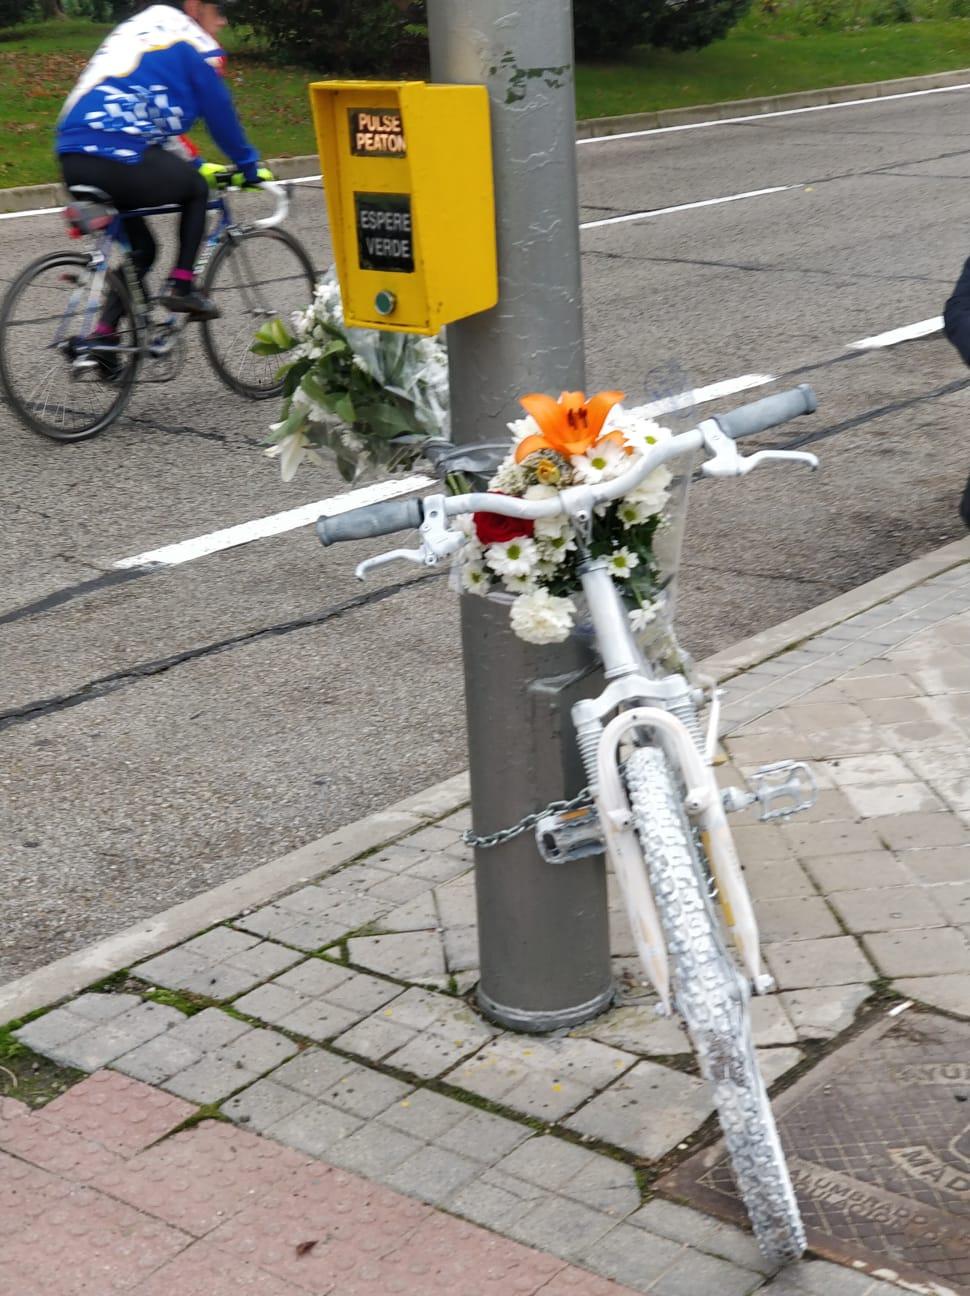 No más ciclistas muertos. No másatropellos